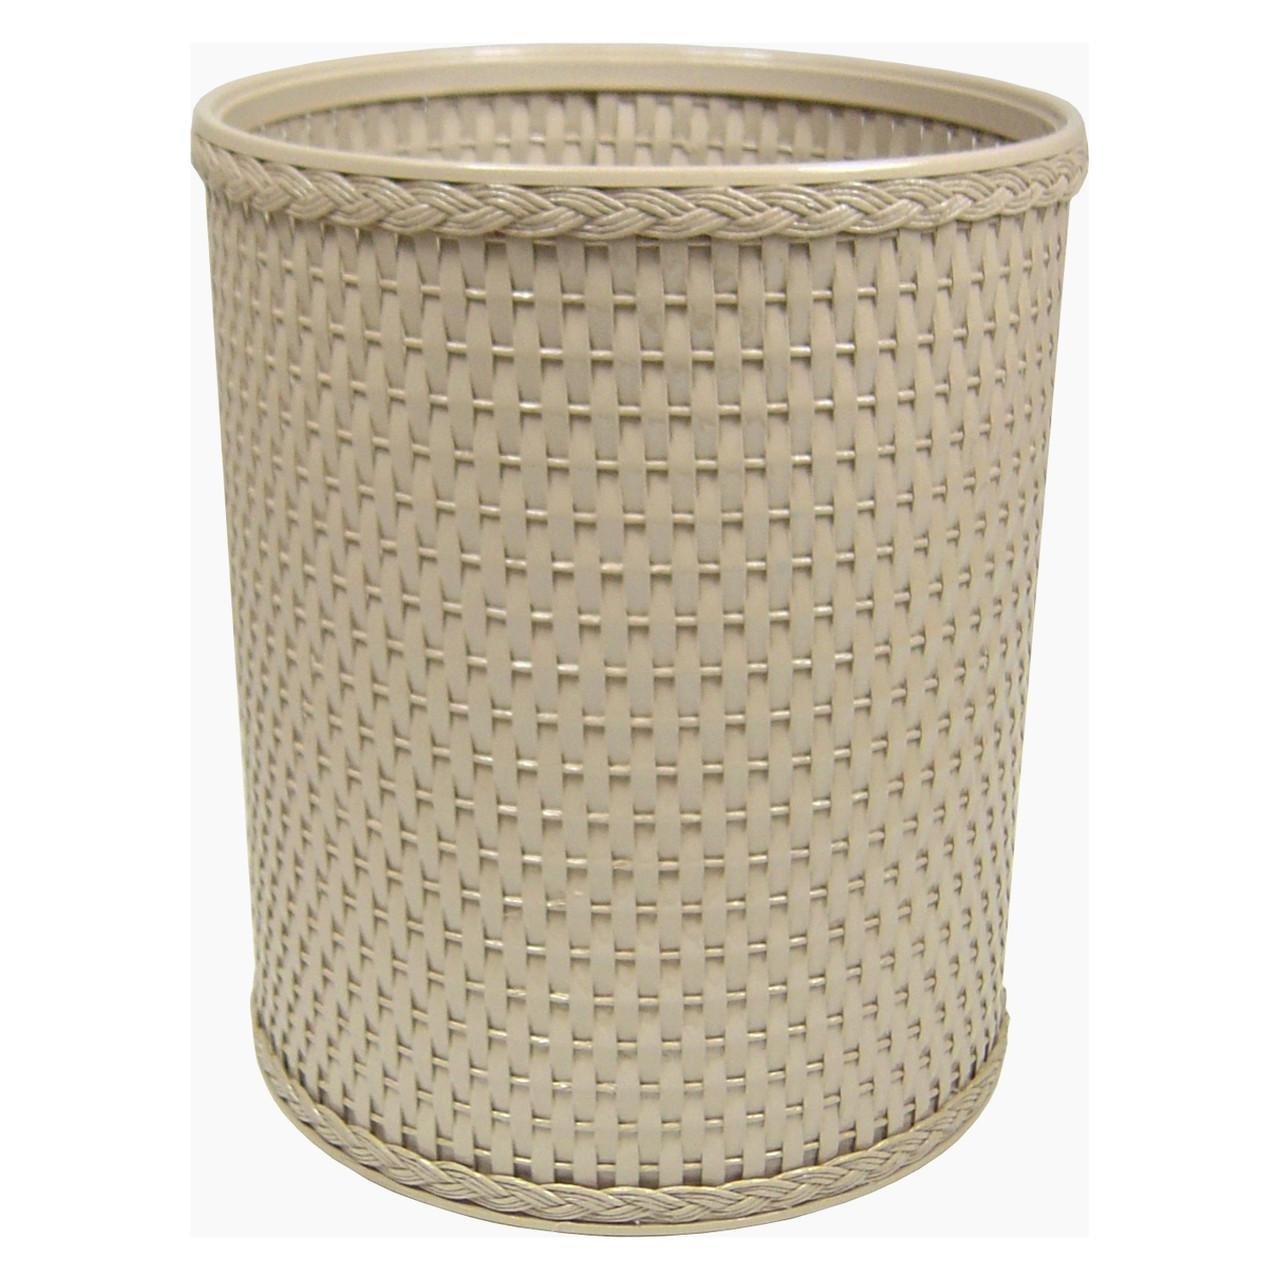 Chelsea Wicker Round Wastebasket Mocha